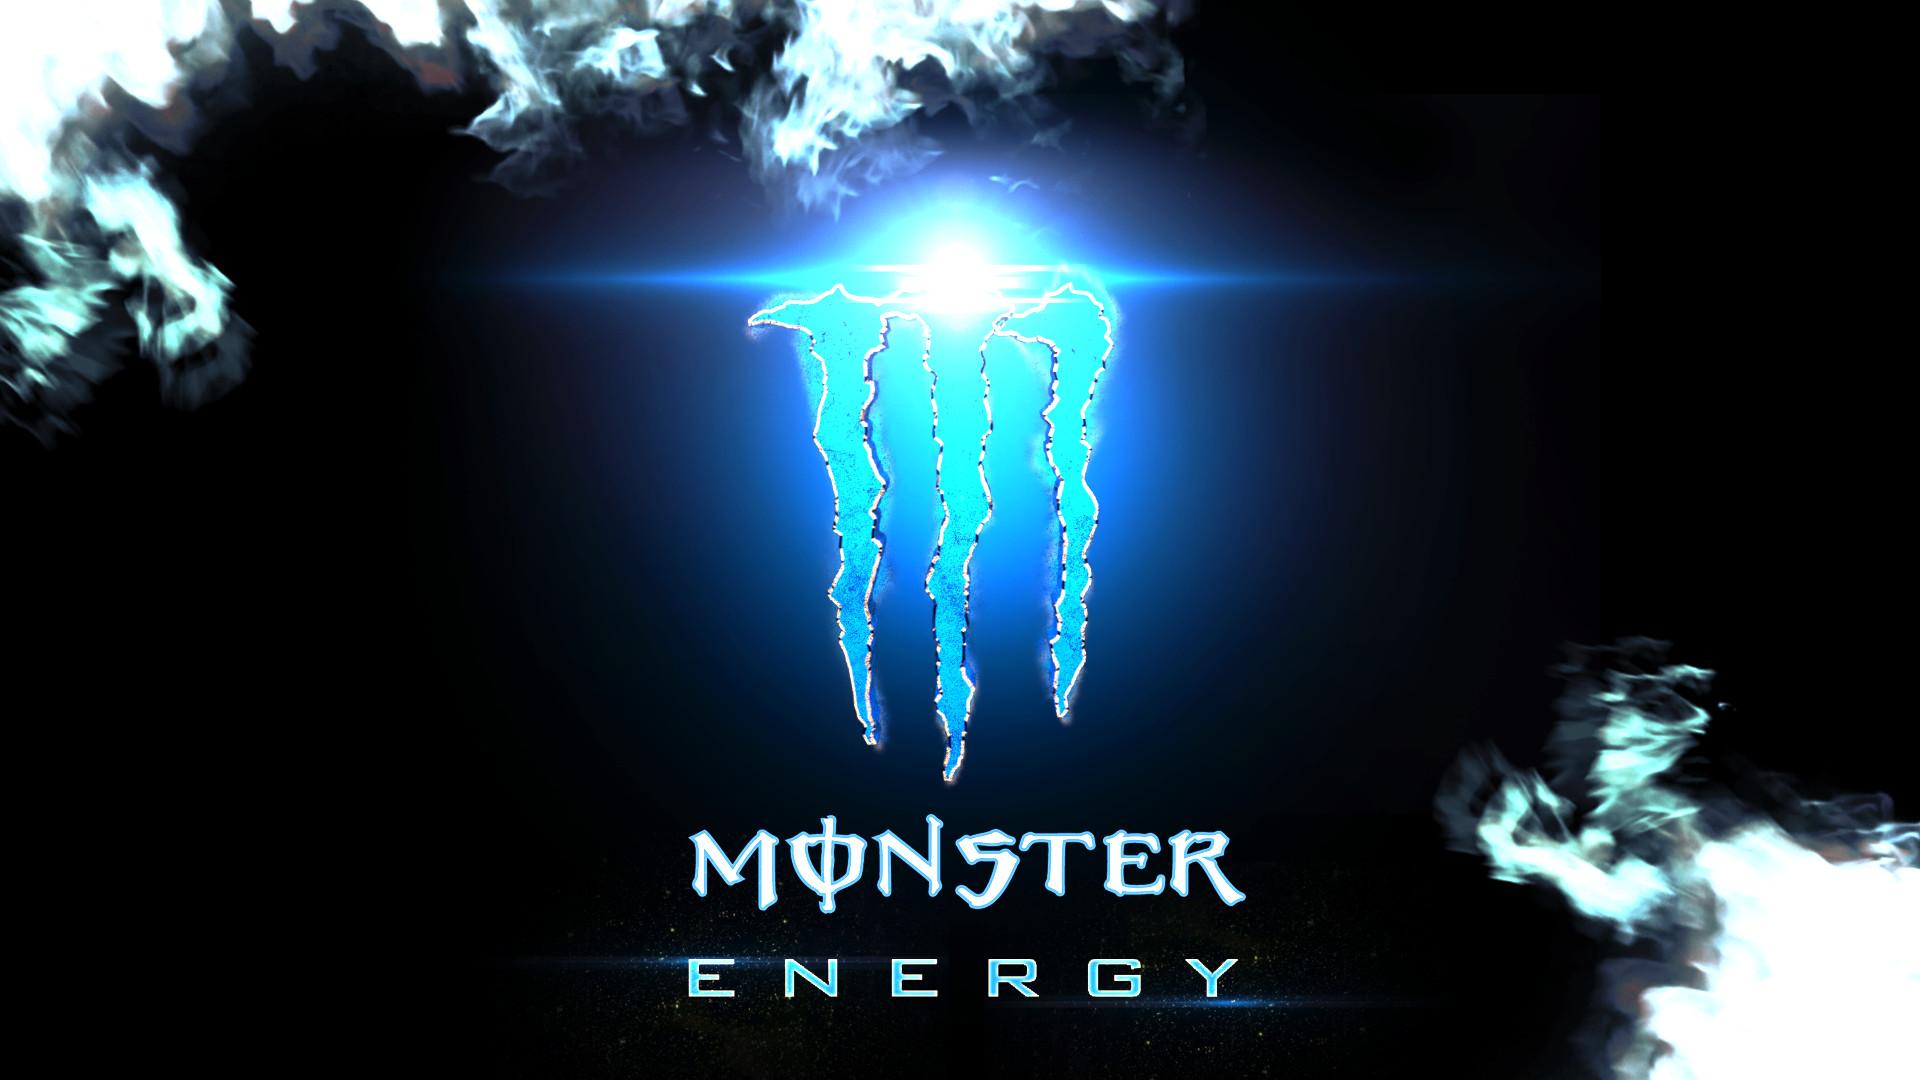 Monster Energy Desktop Wallpaper HD